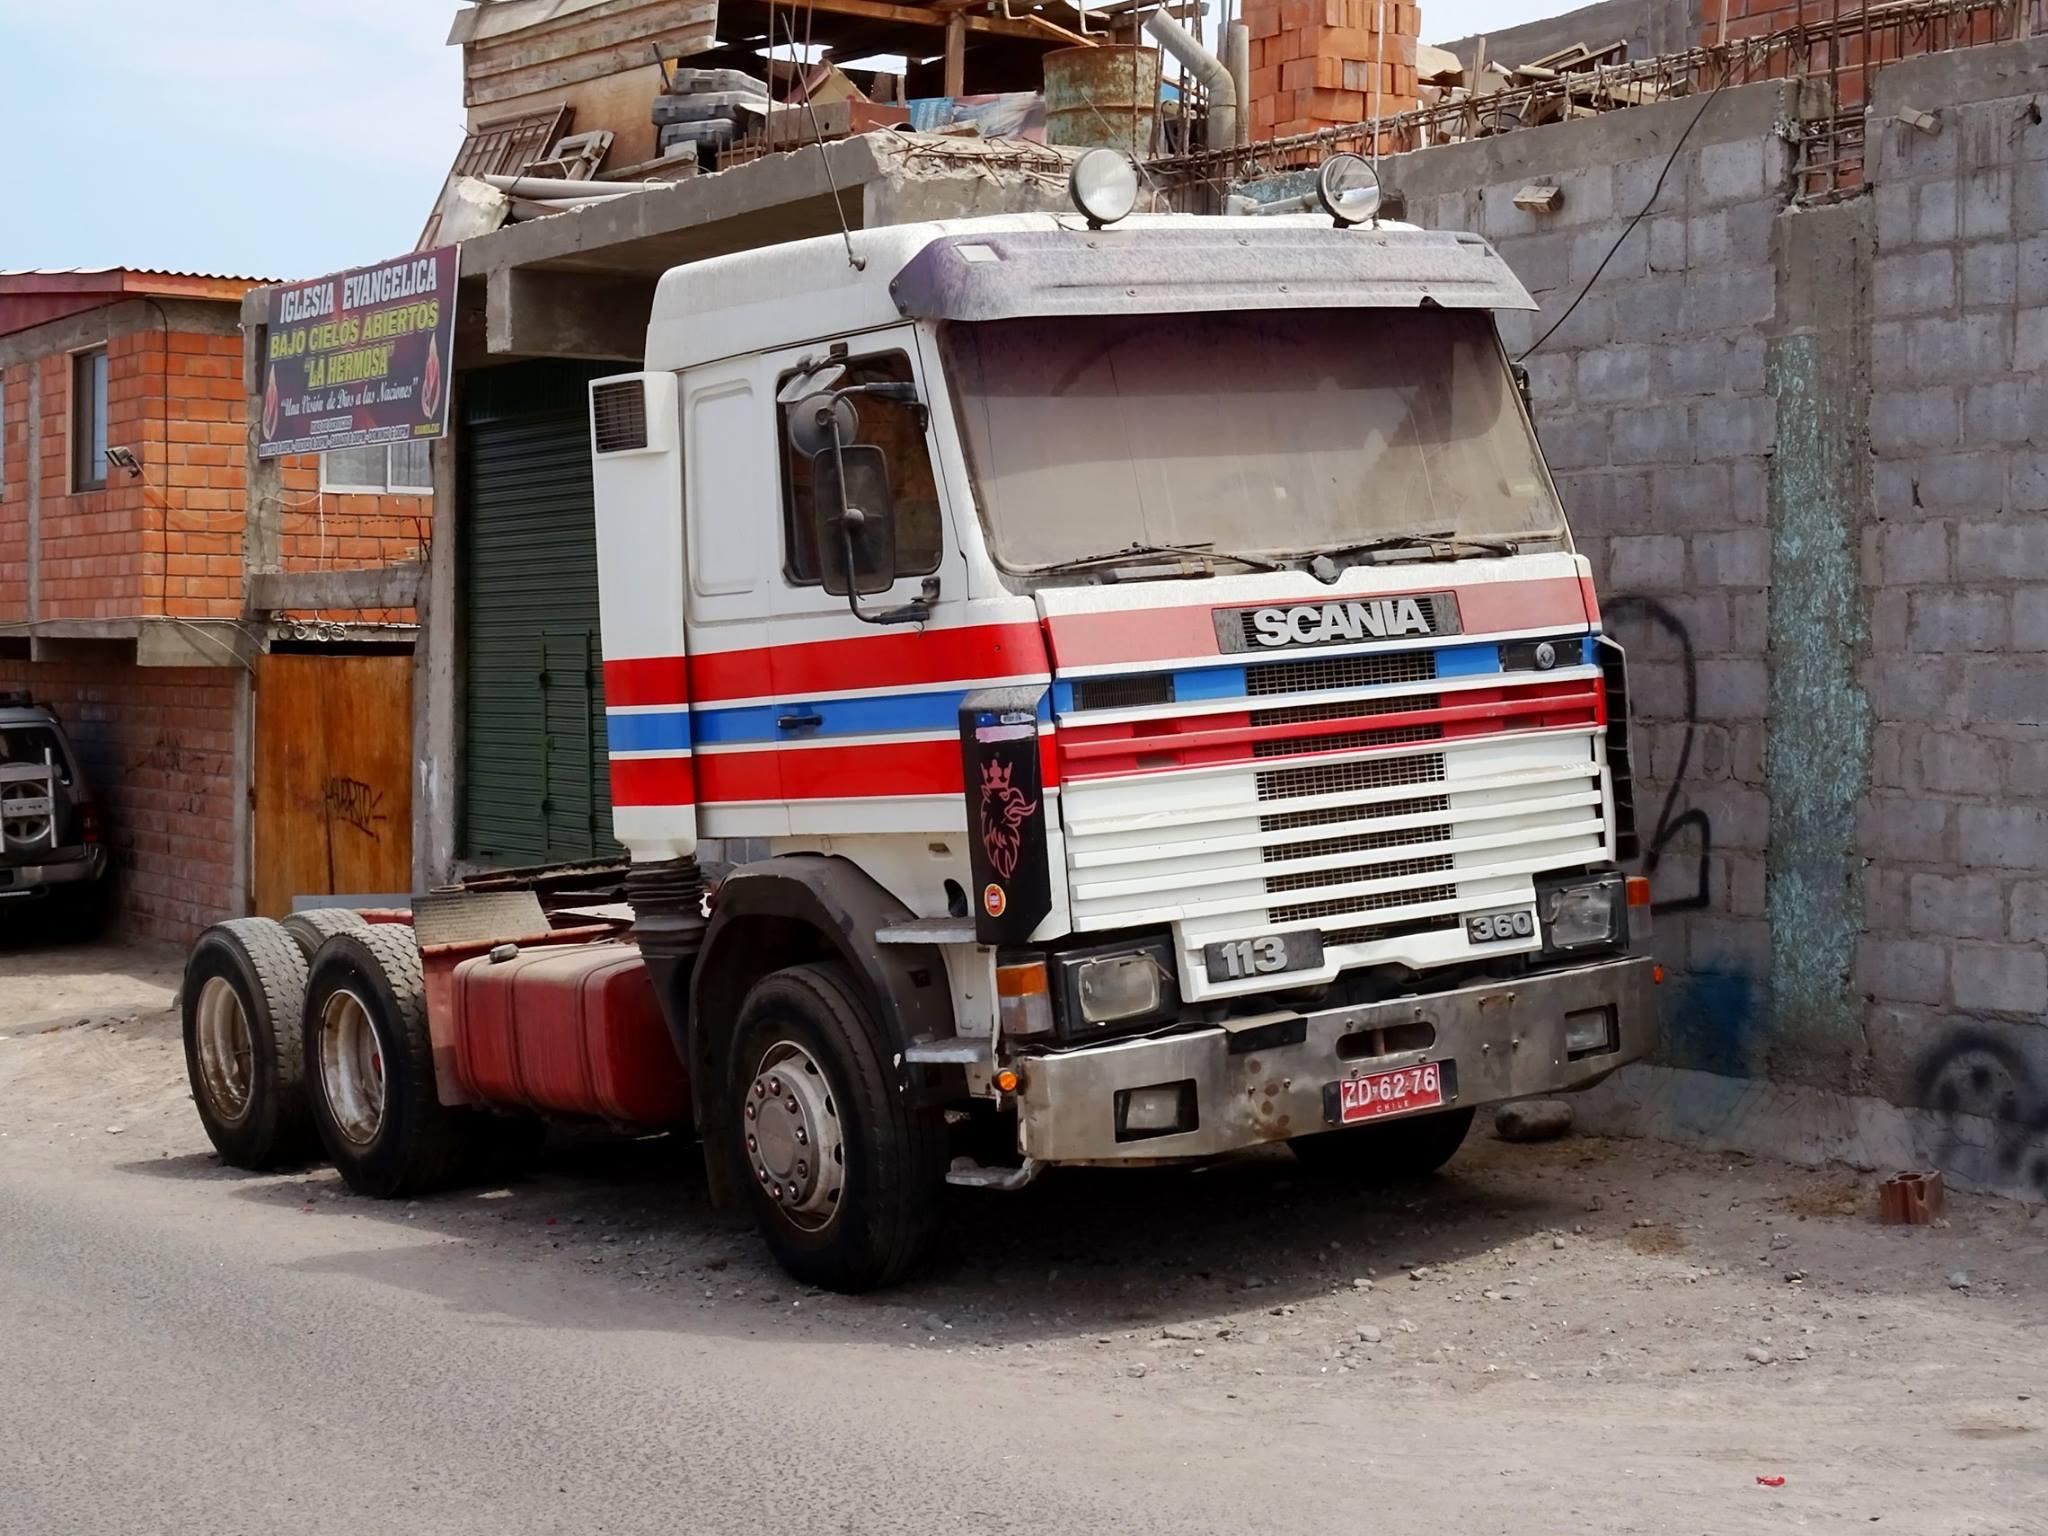 Camiones-vieja-escuela-olvidados-52